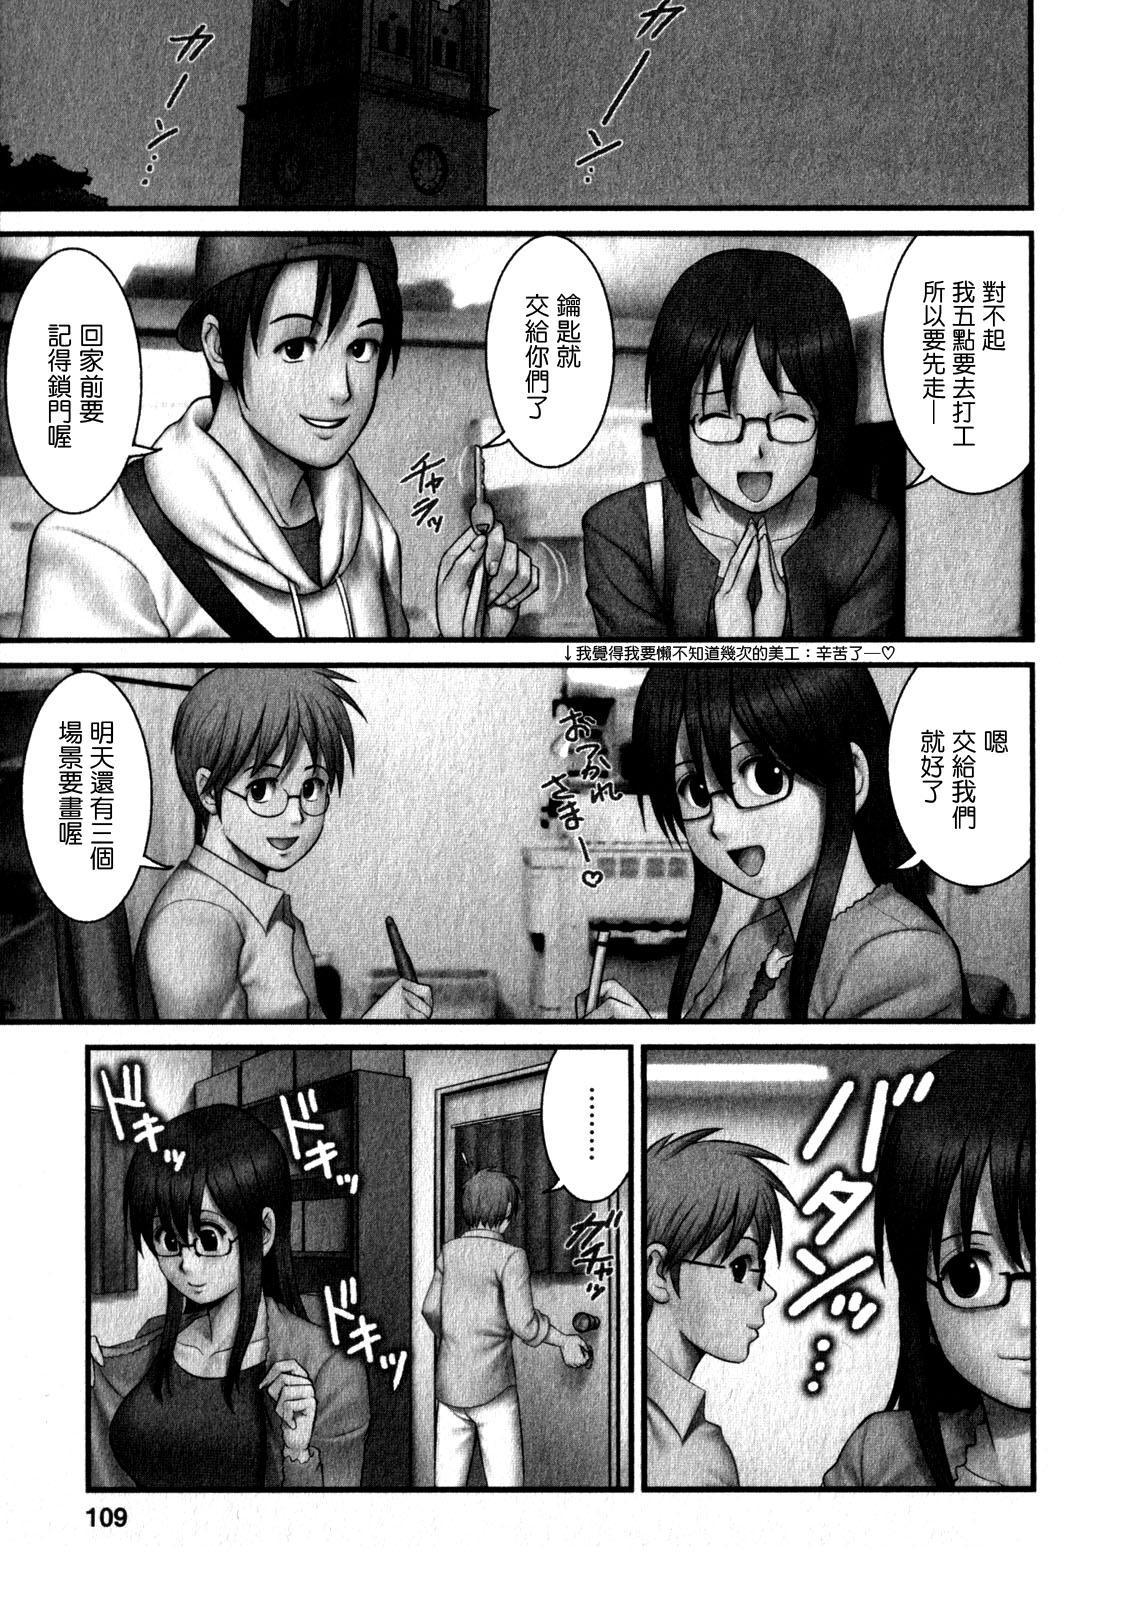 Otaku no Megami-san 1 106